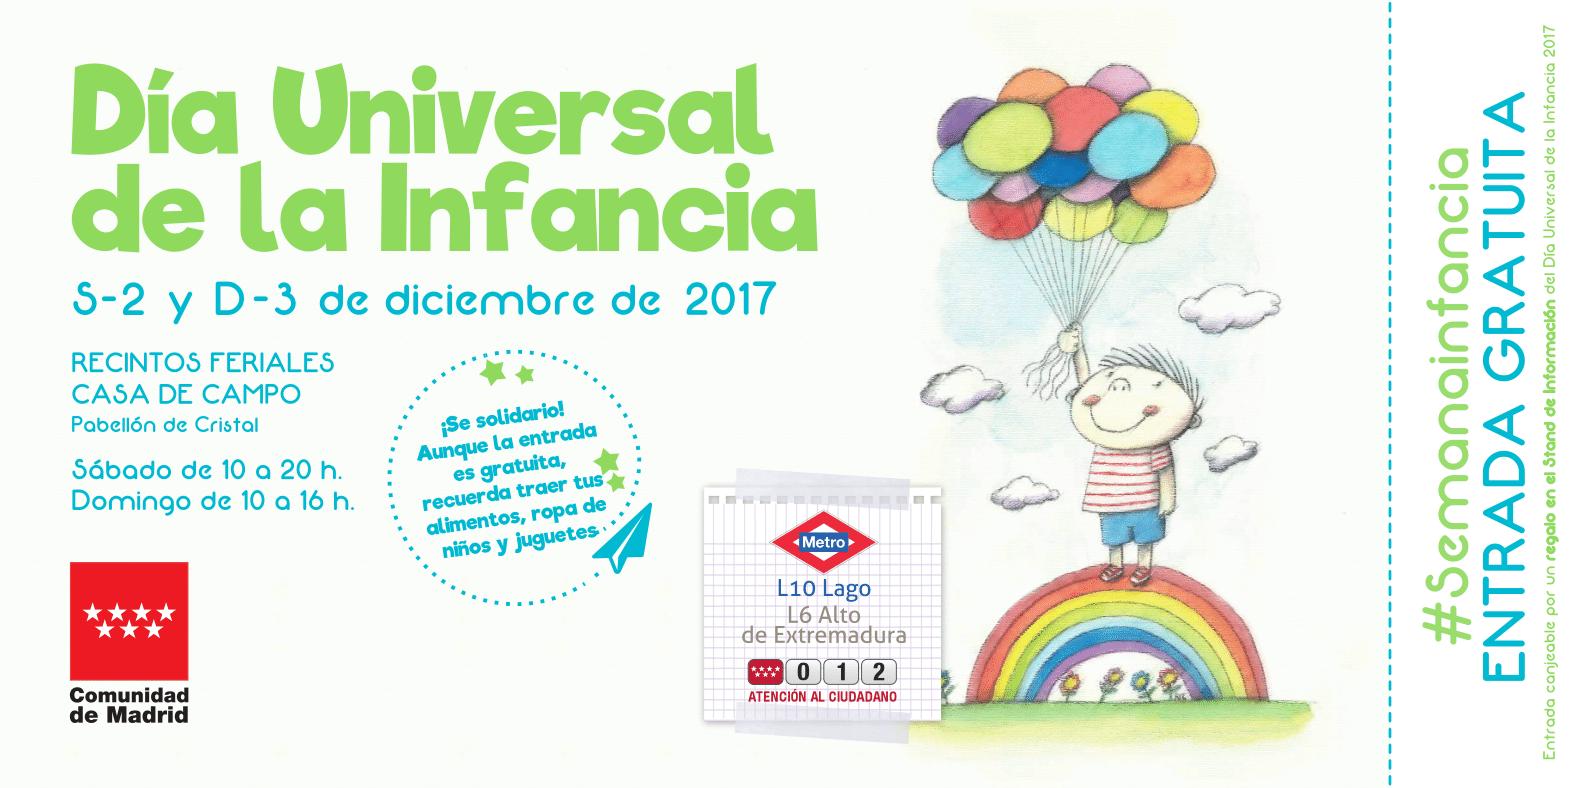 ENTRADA_Día Universal de la Infancia 2017-Fundtrafic